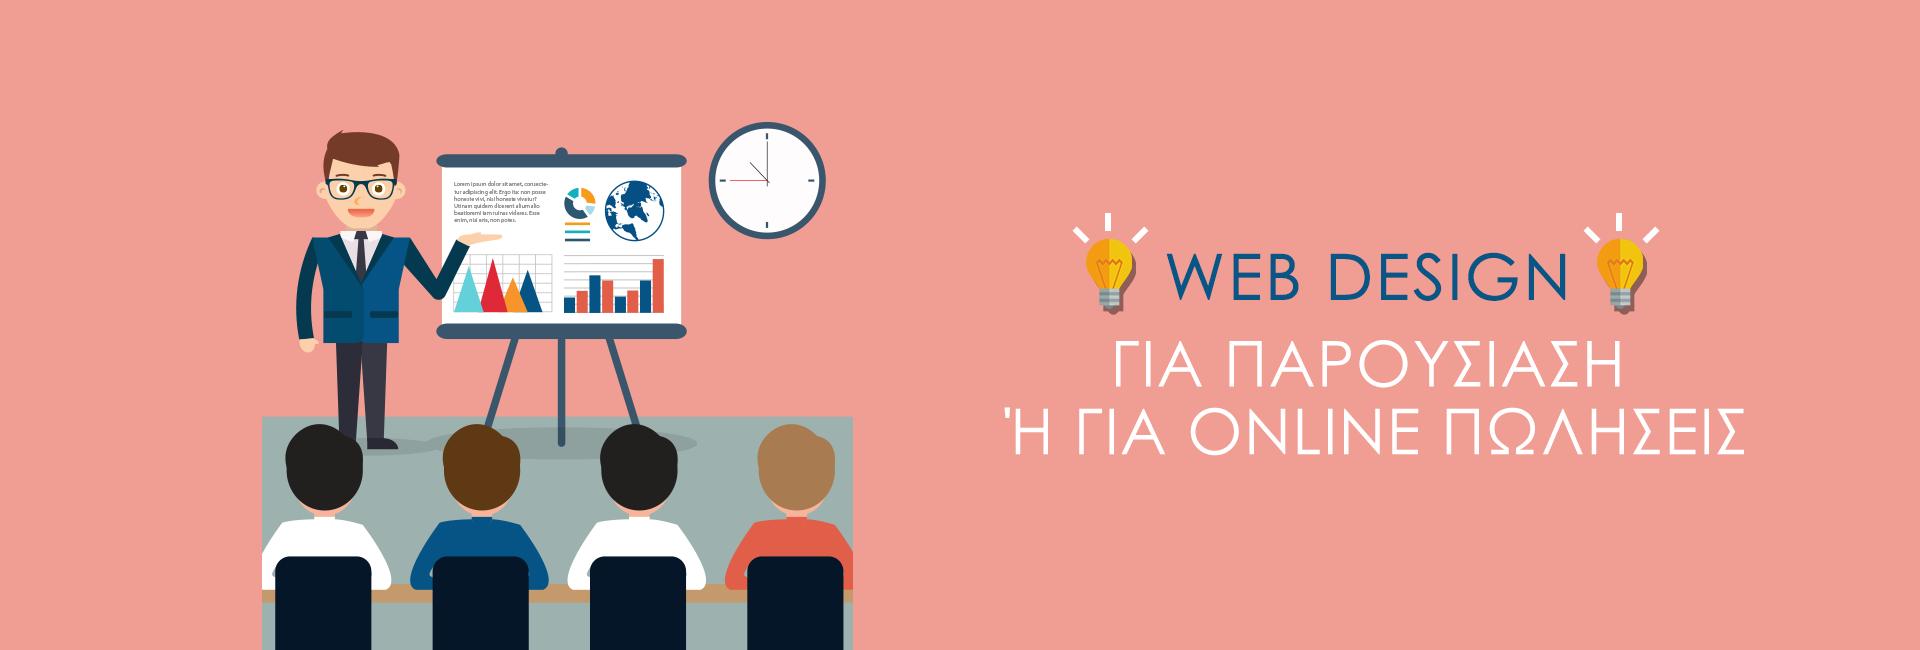 website-adverset